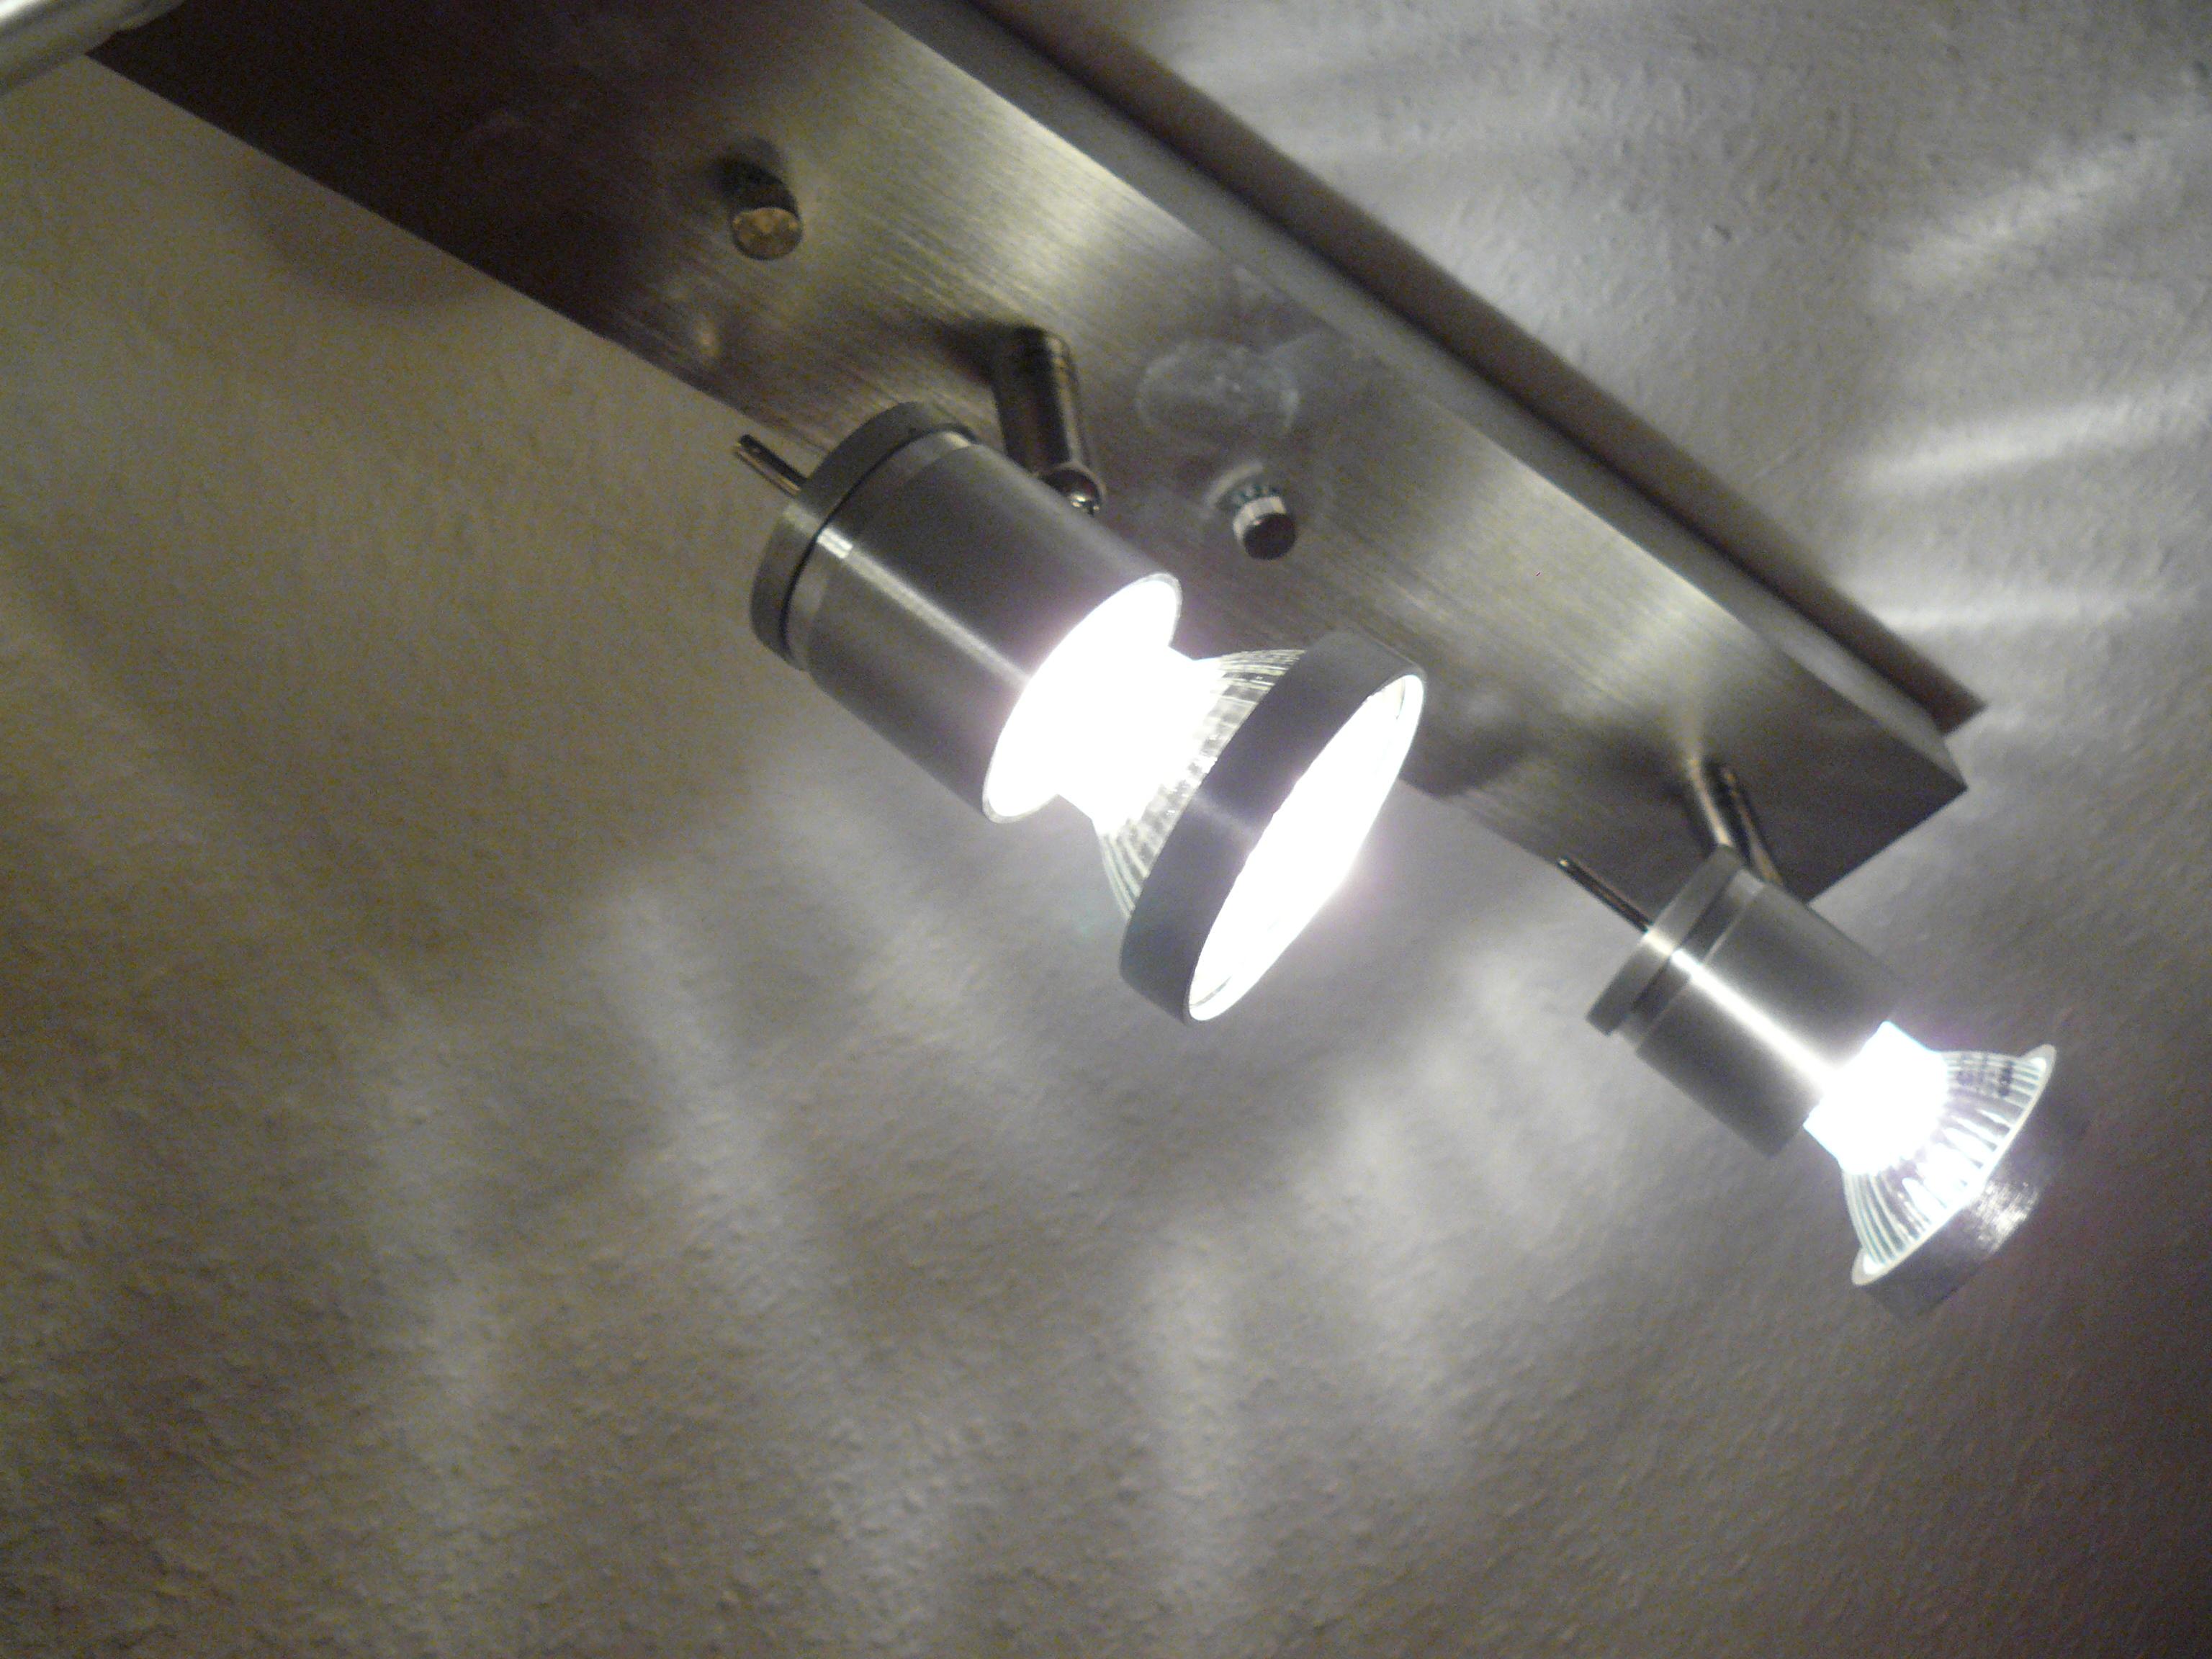 lampe wohnzimmer anschlieben : Badezimmer Lampe Anschliessen Kreative Ideen F R Design Und